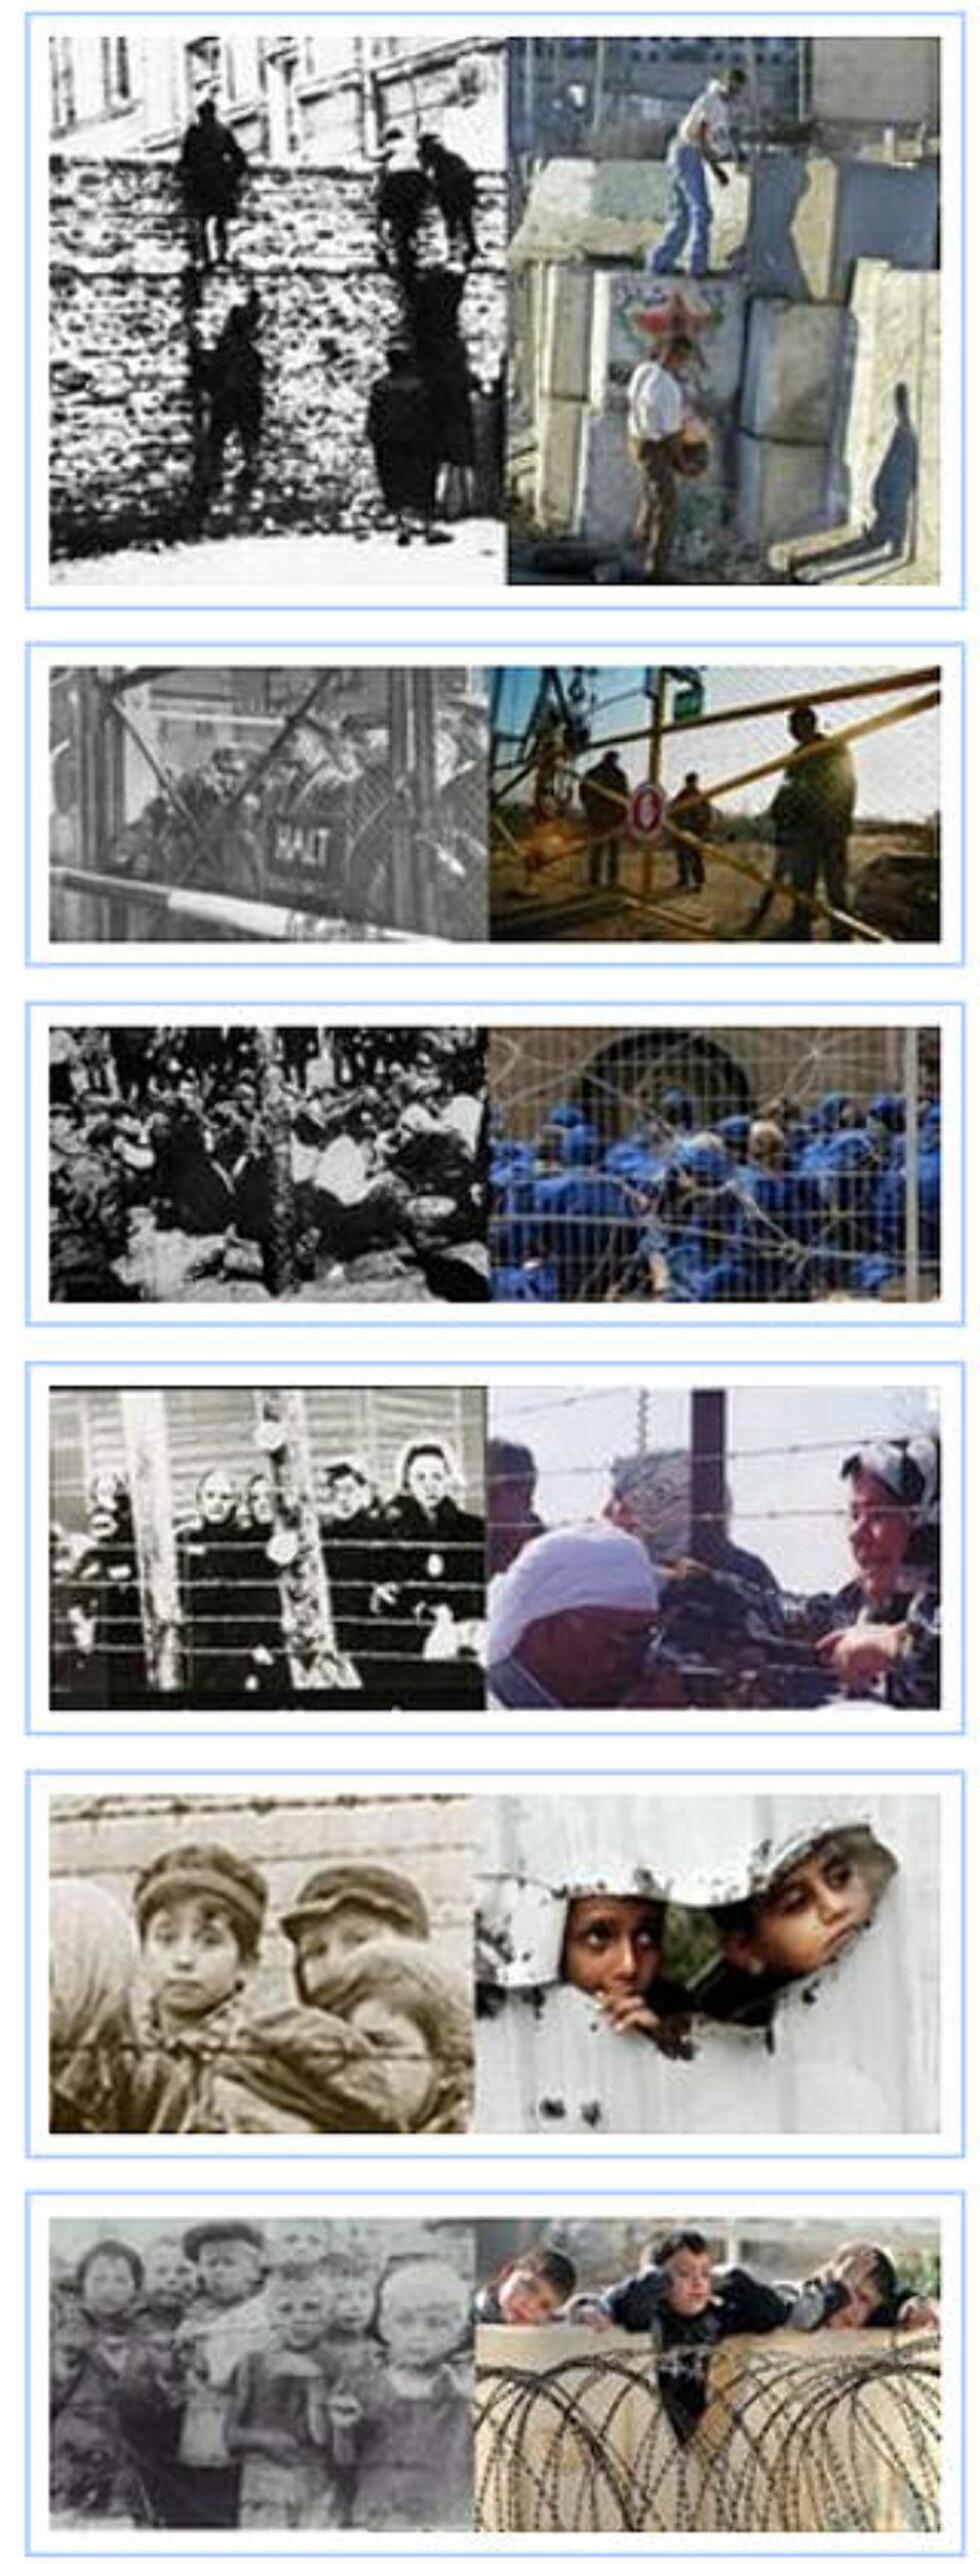 <strong>BILDENE:</strong> I eposten, også gjengitt i israelske medier, sammenligner den norske diplomaten Israels krigshandlinger på Gaza med nazistenes utryddelse av jøder under andre verdenskrig. Foto: Skjermdump